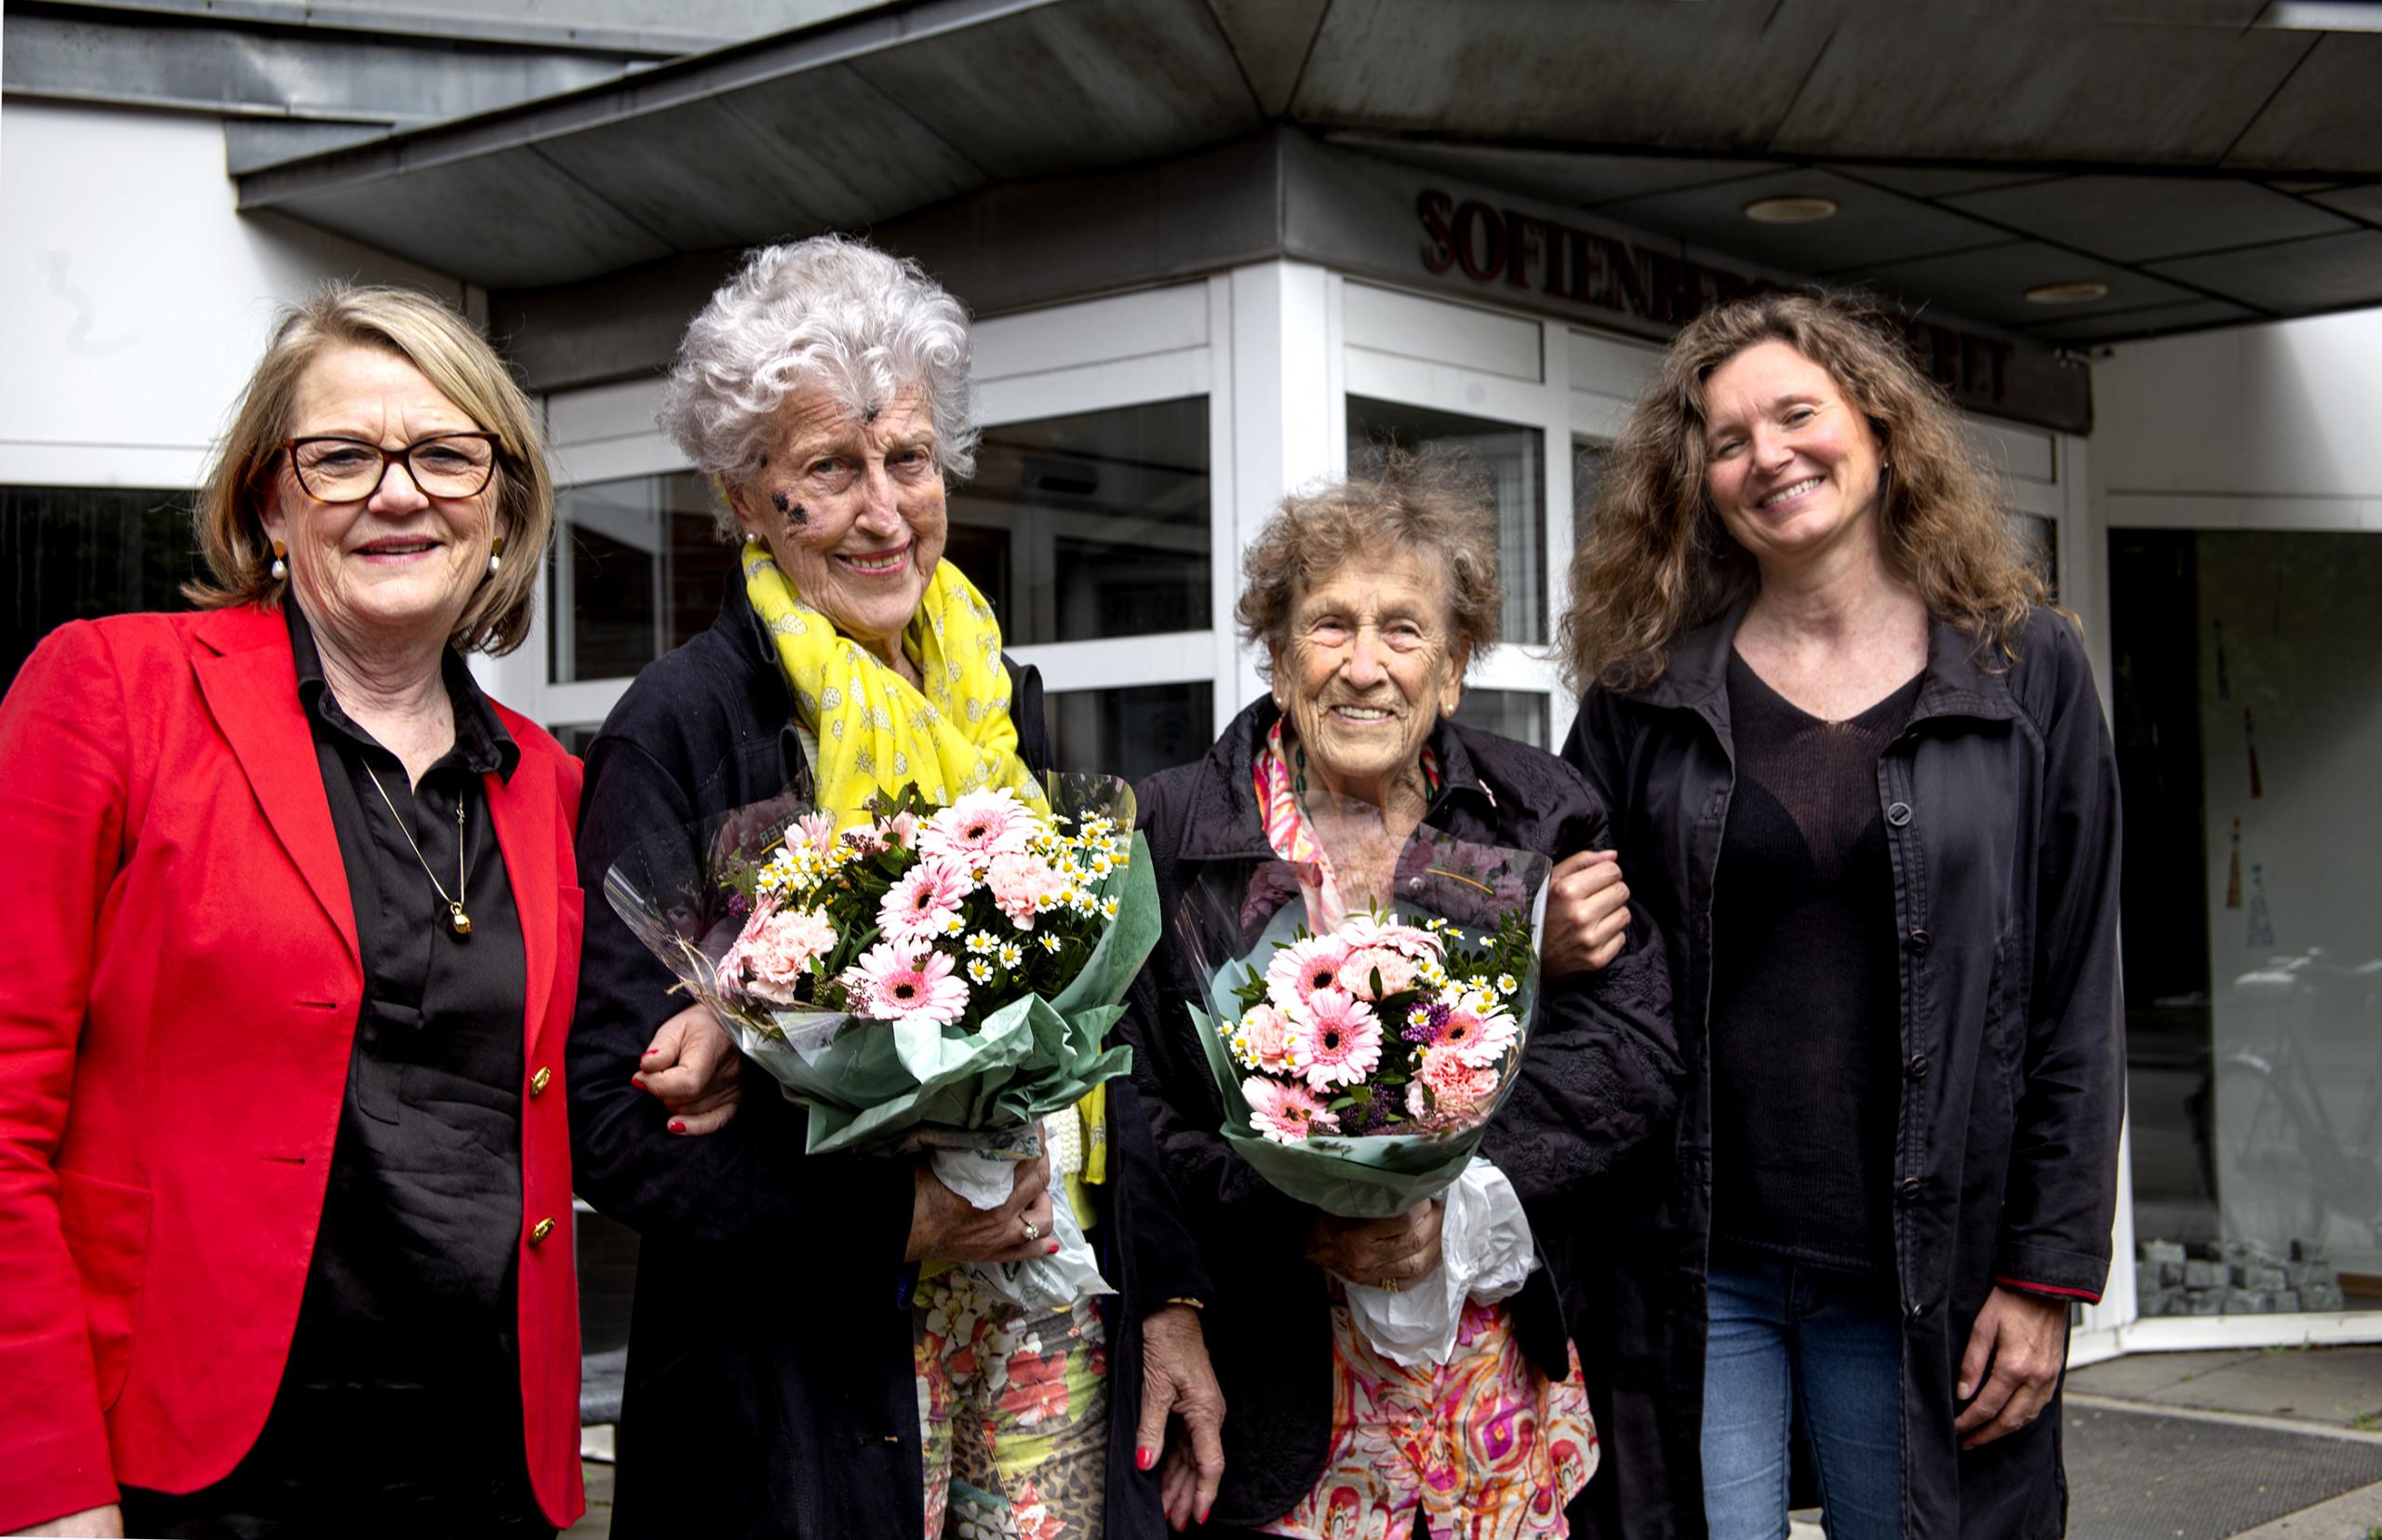 Fire kvinner samlet